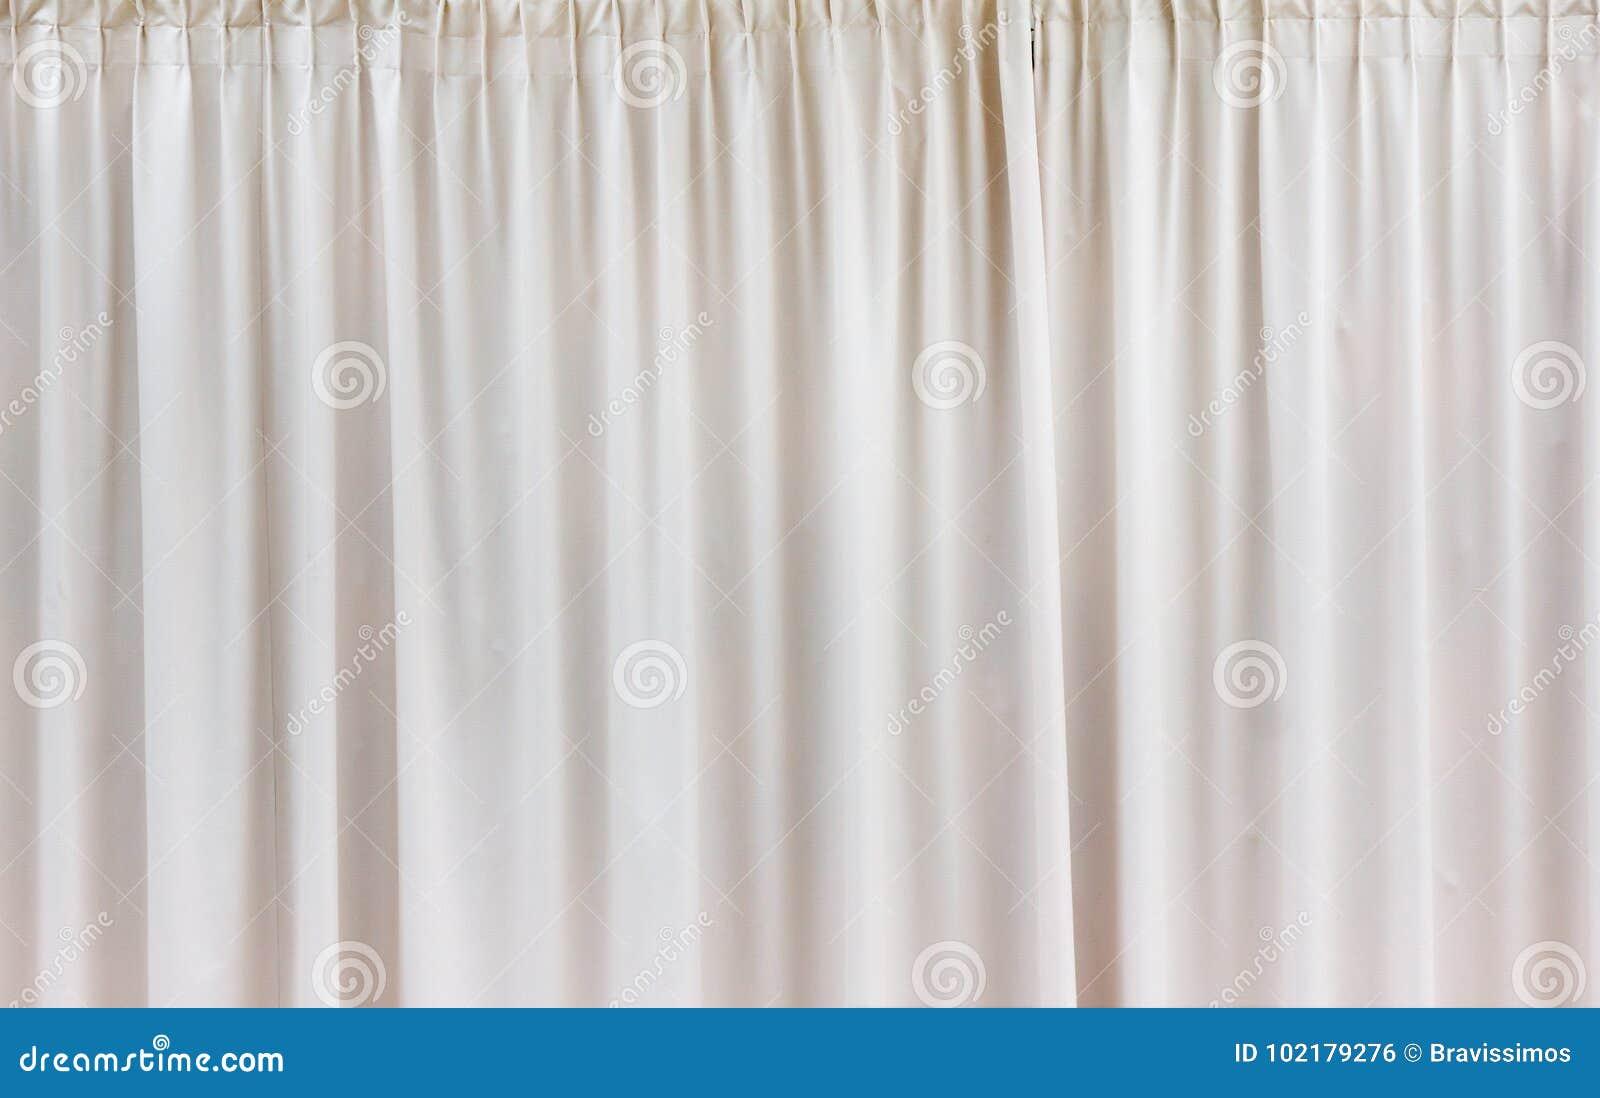 Modèle Blanc De Textile De Fond De Rideau Photo stock - Image du ...